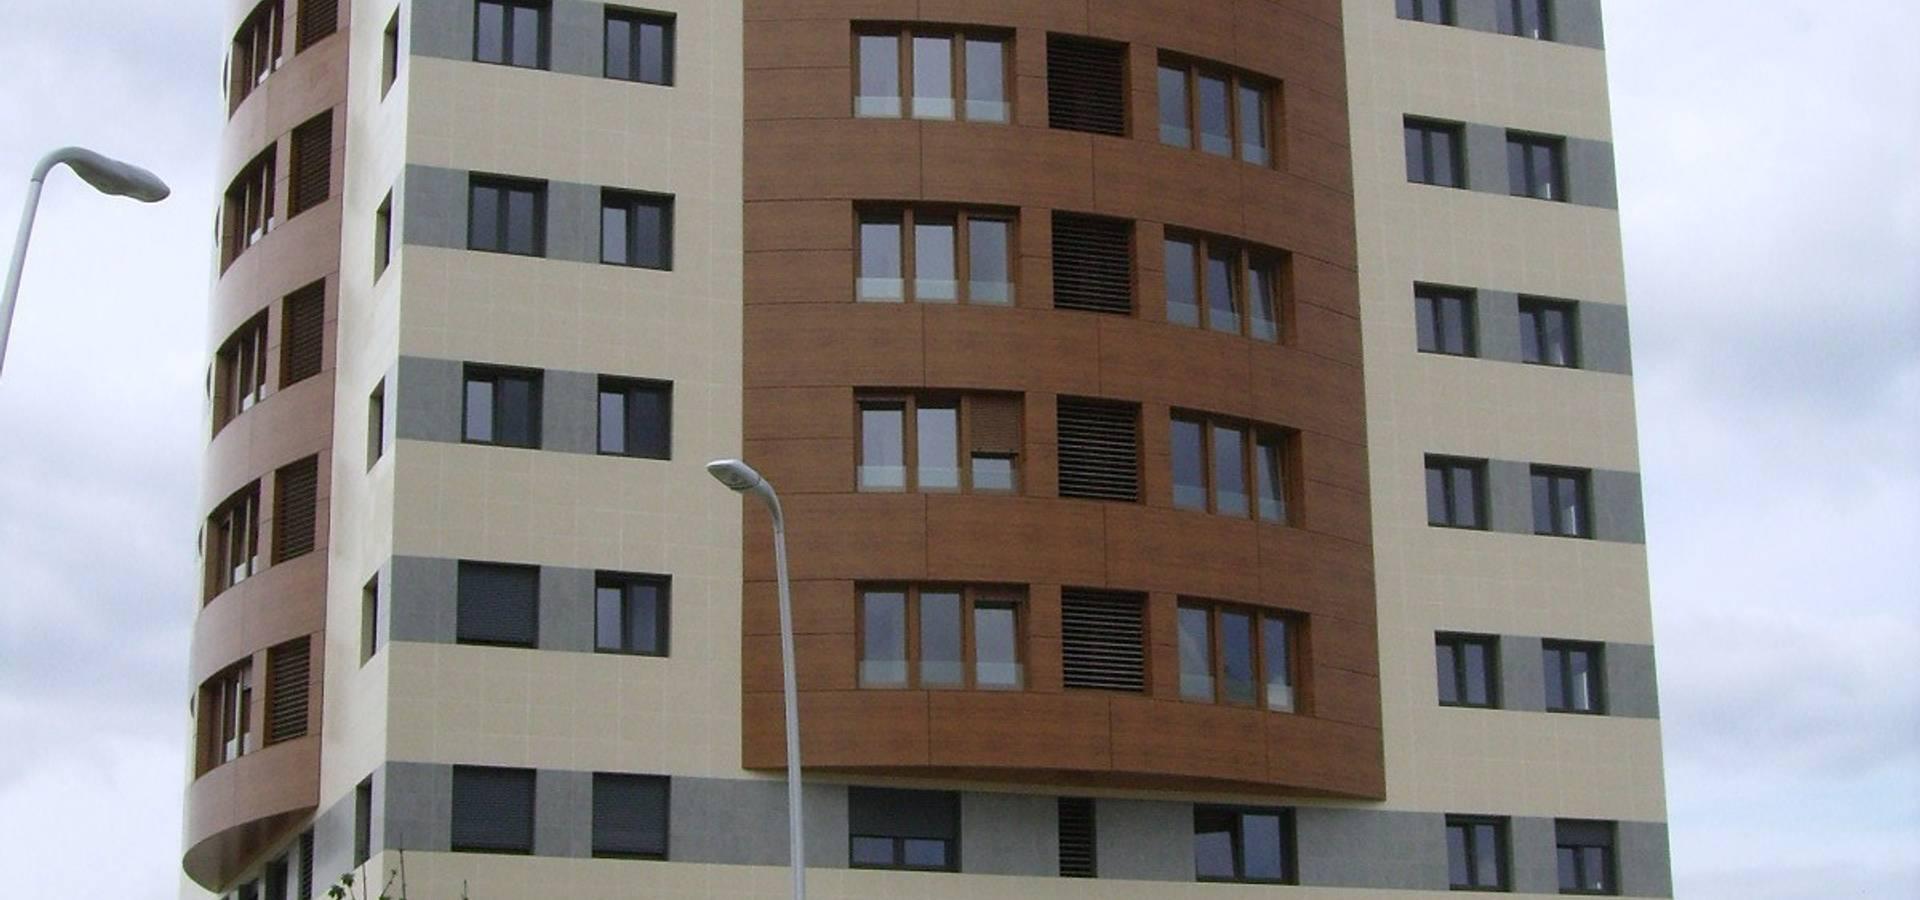 estudio de arquitectura tecnica arquitectos en benavente